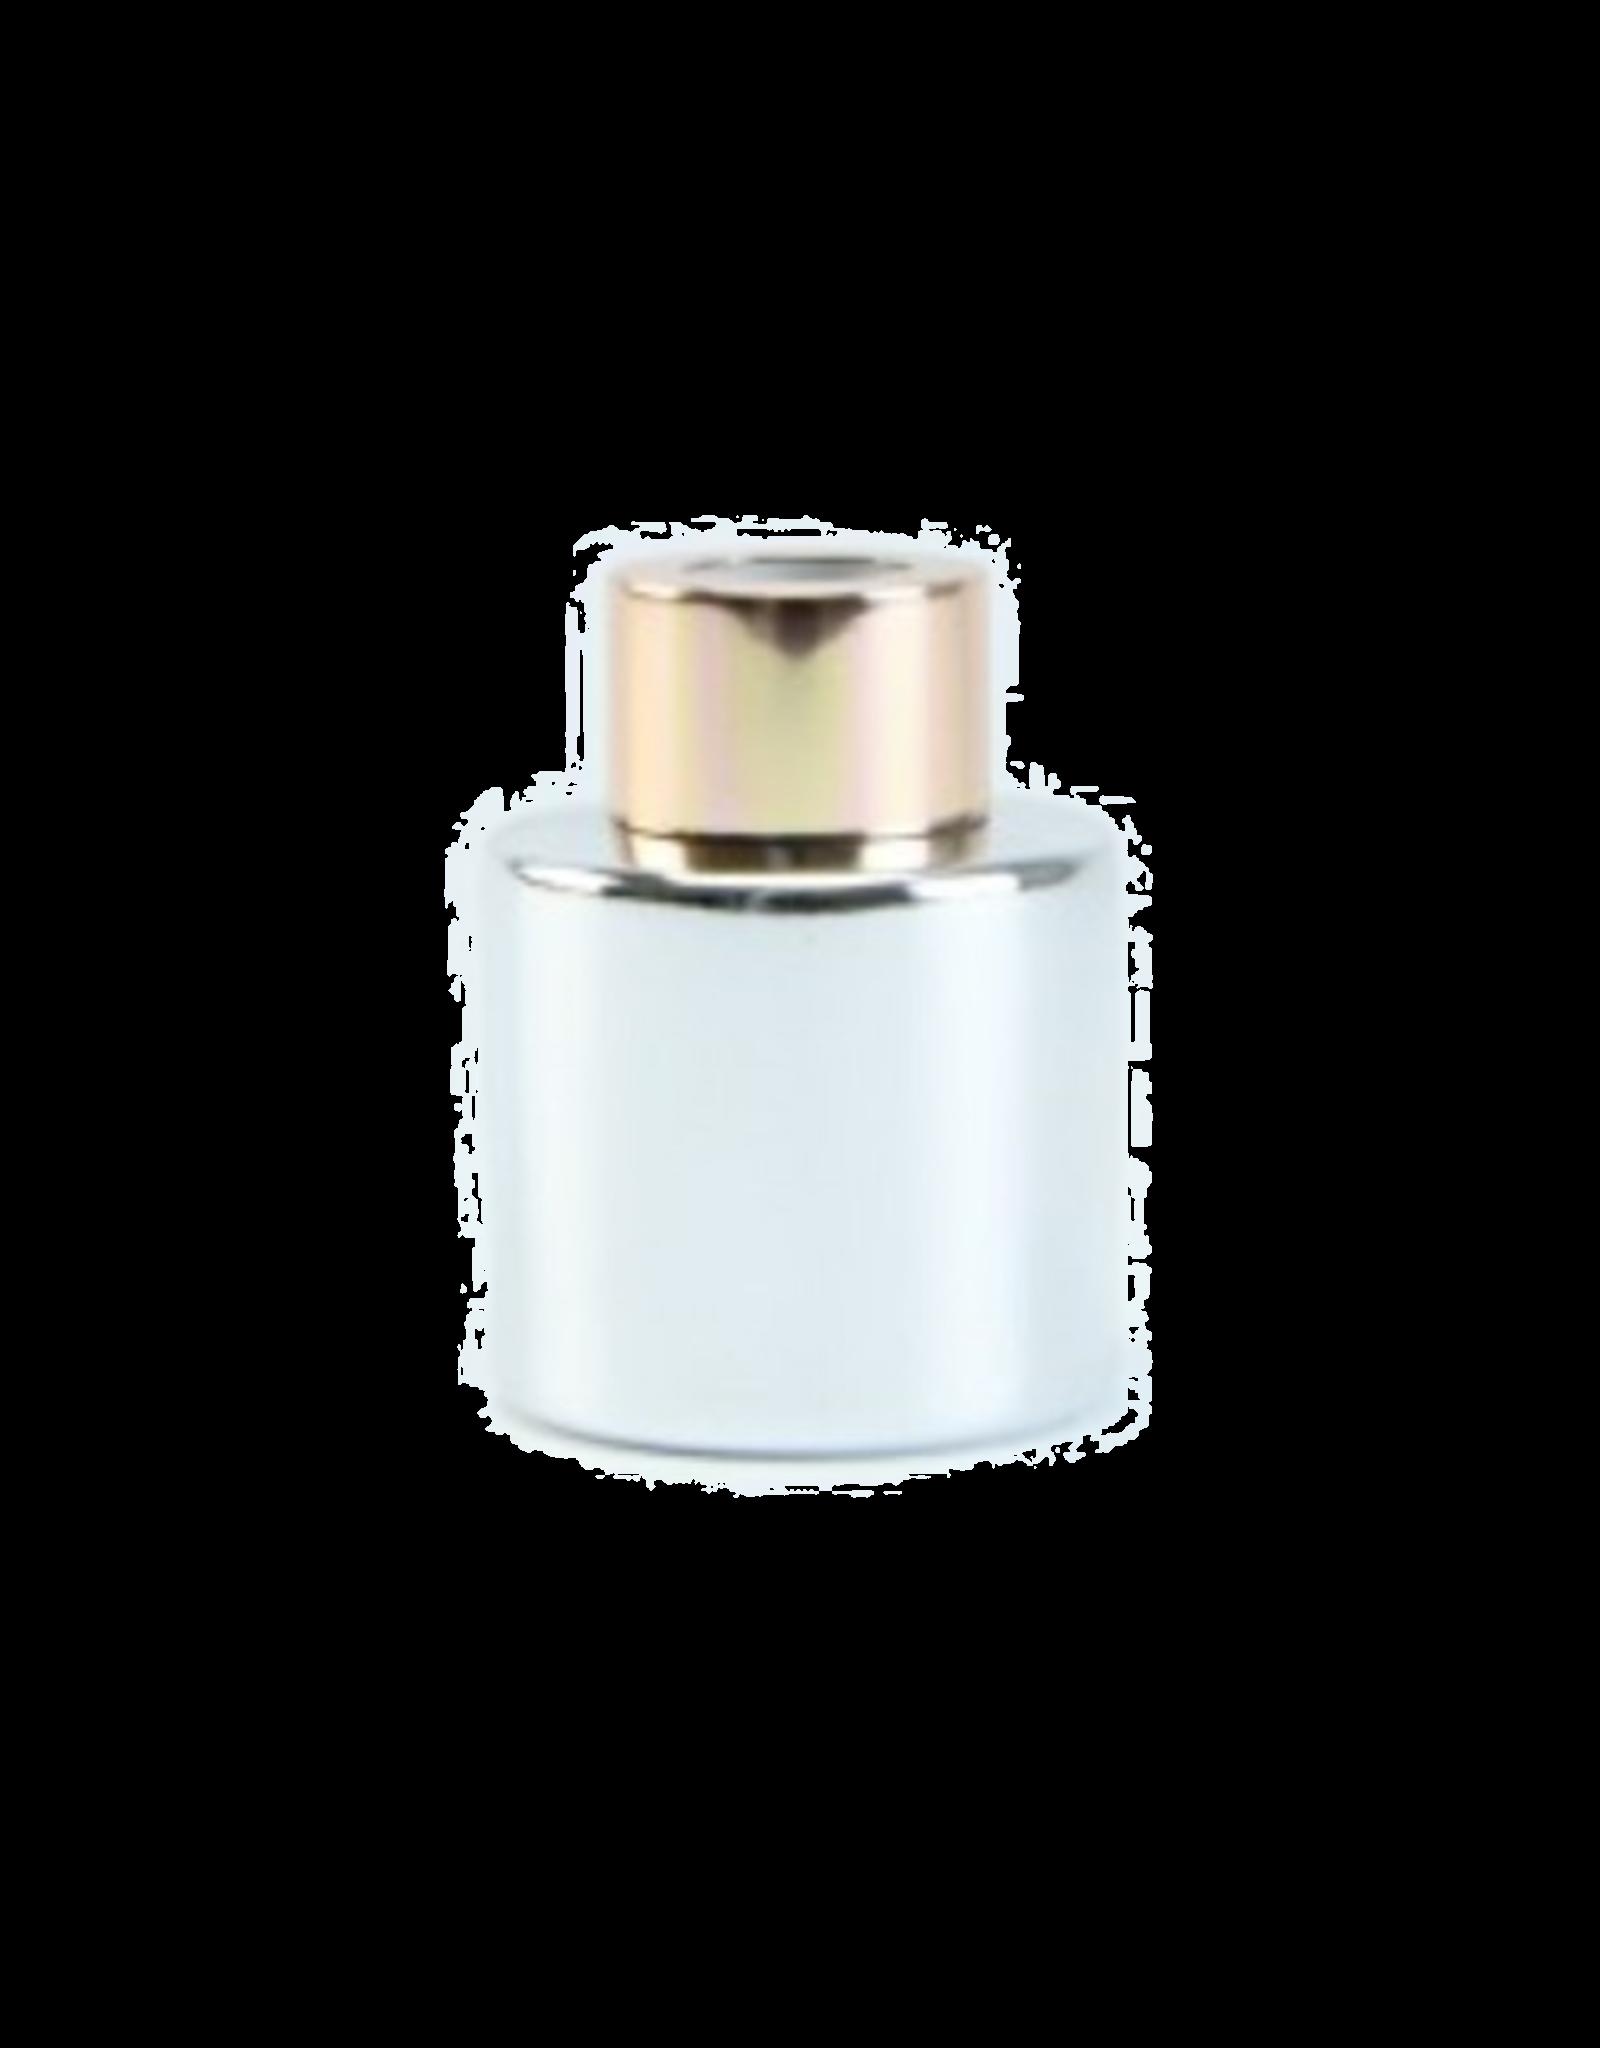 Body & Soap Geurpotje zilver/roze dop  - Body & Soap